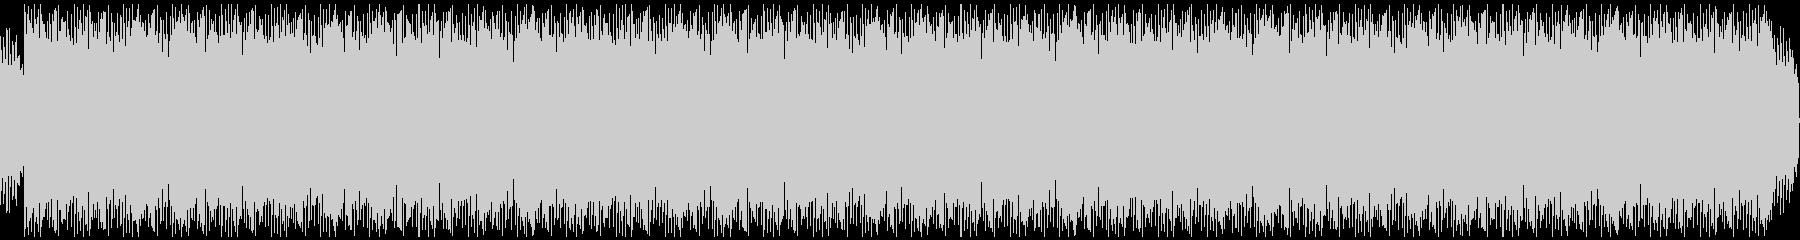 エレクトリックピアノのチルアウトの未再生の波形